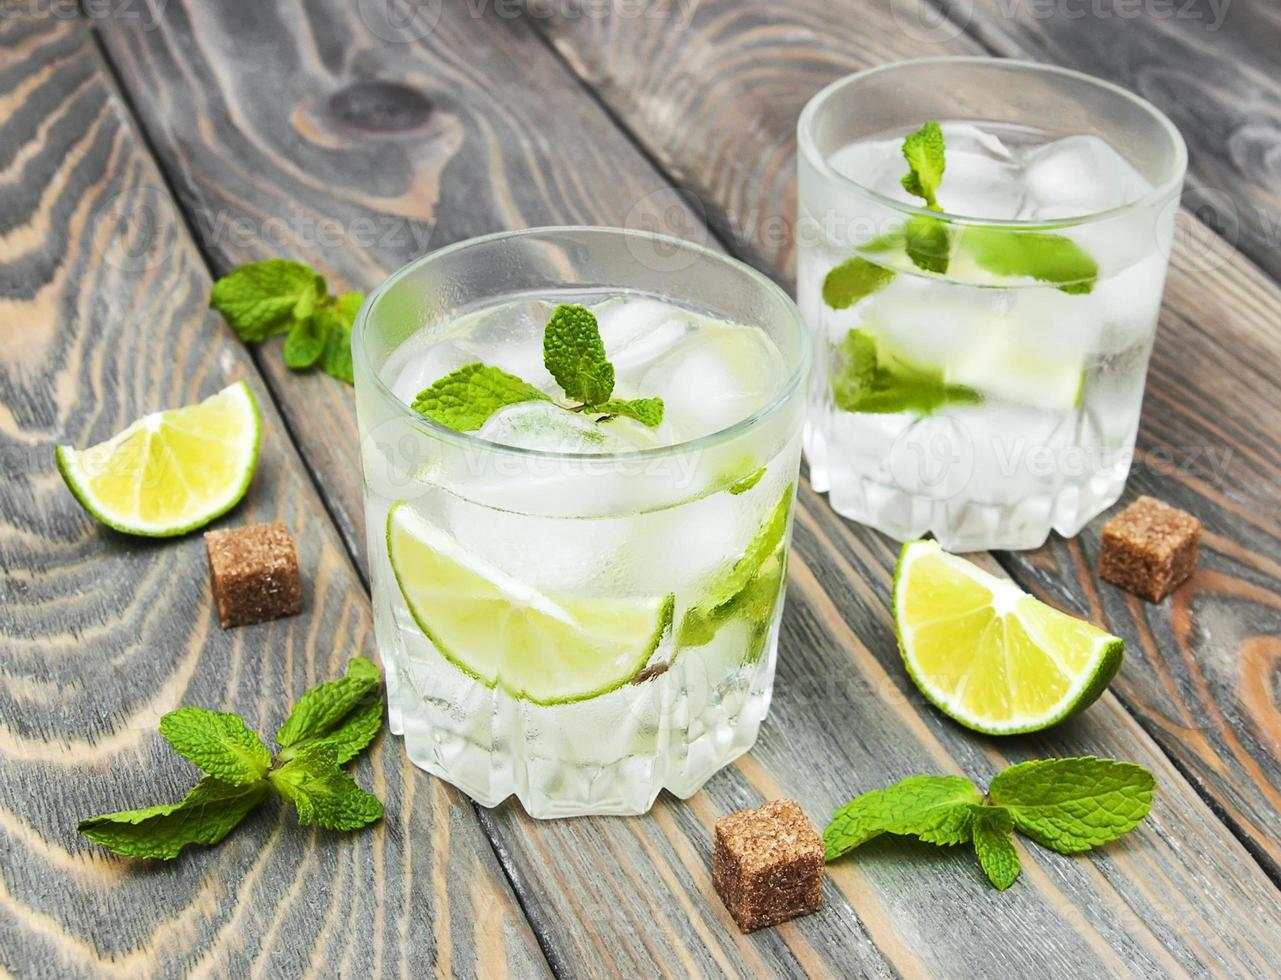 kaltes frisches Limonadengetränk foto